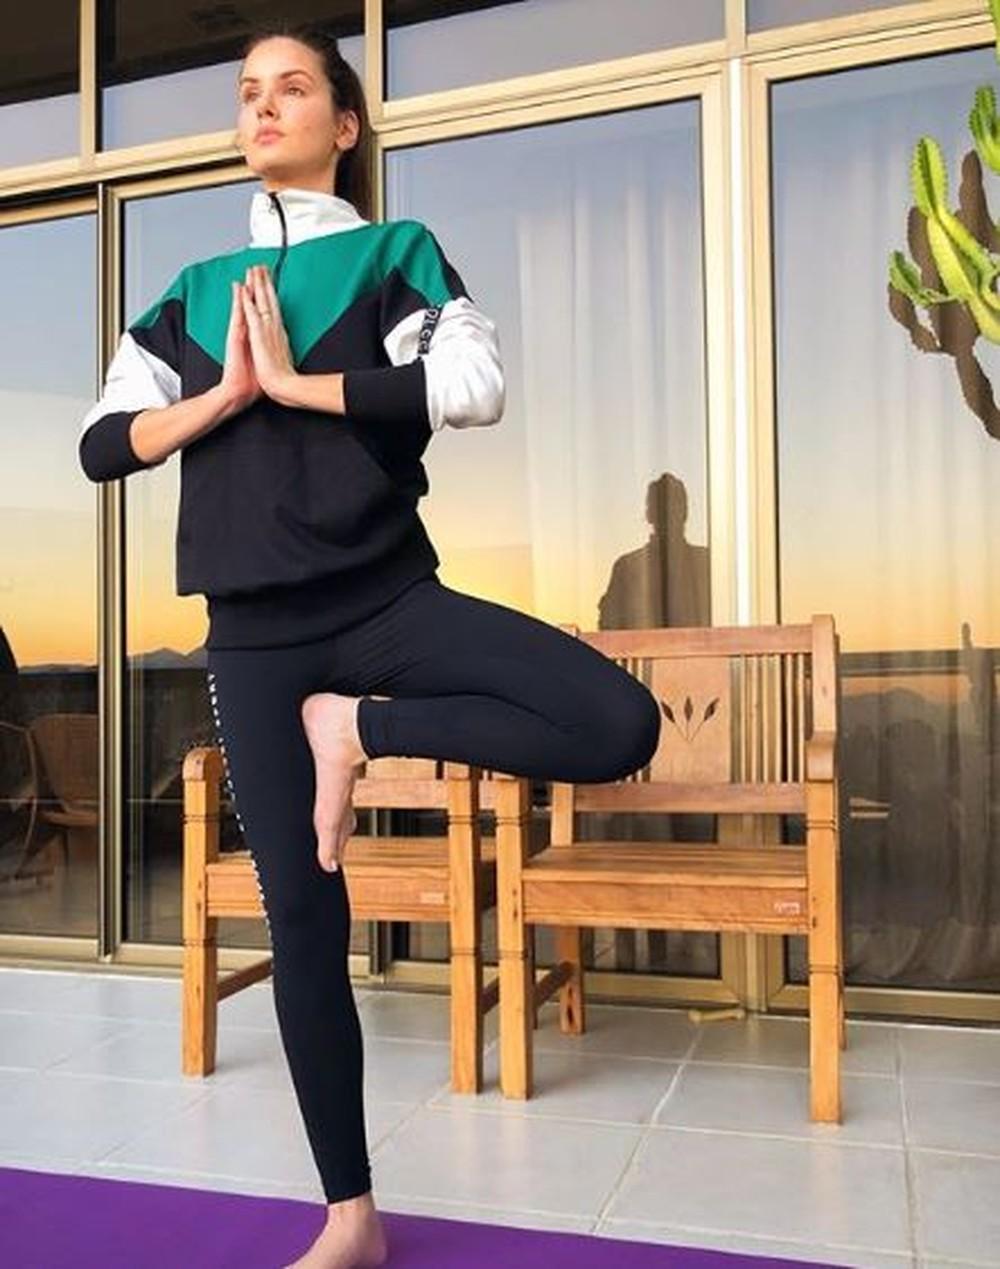 Famosas listam os benefícios com a yoga; veja fotos - Imagem 3